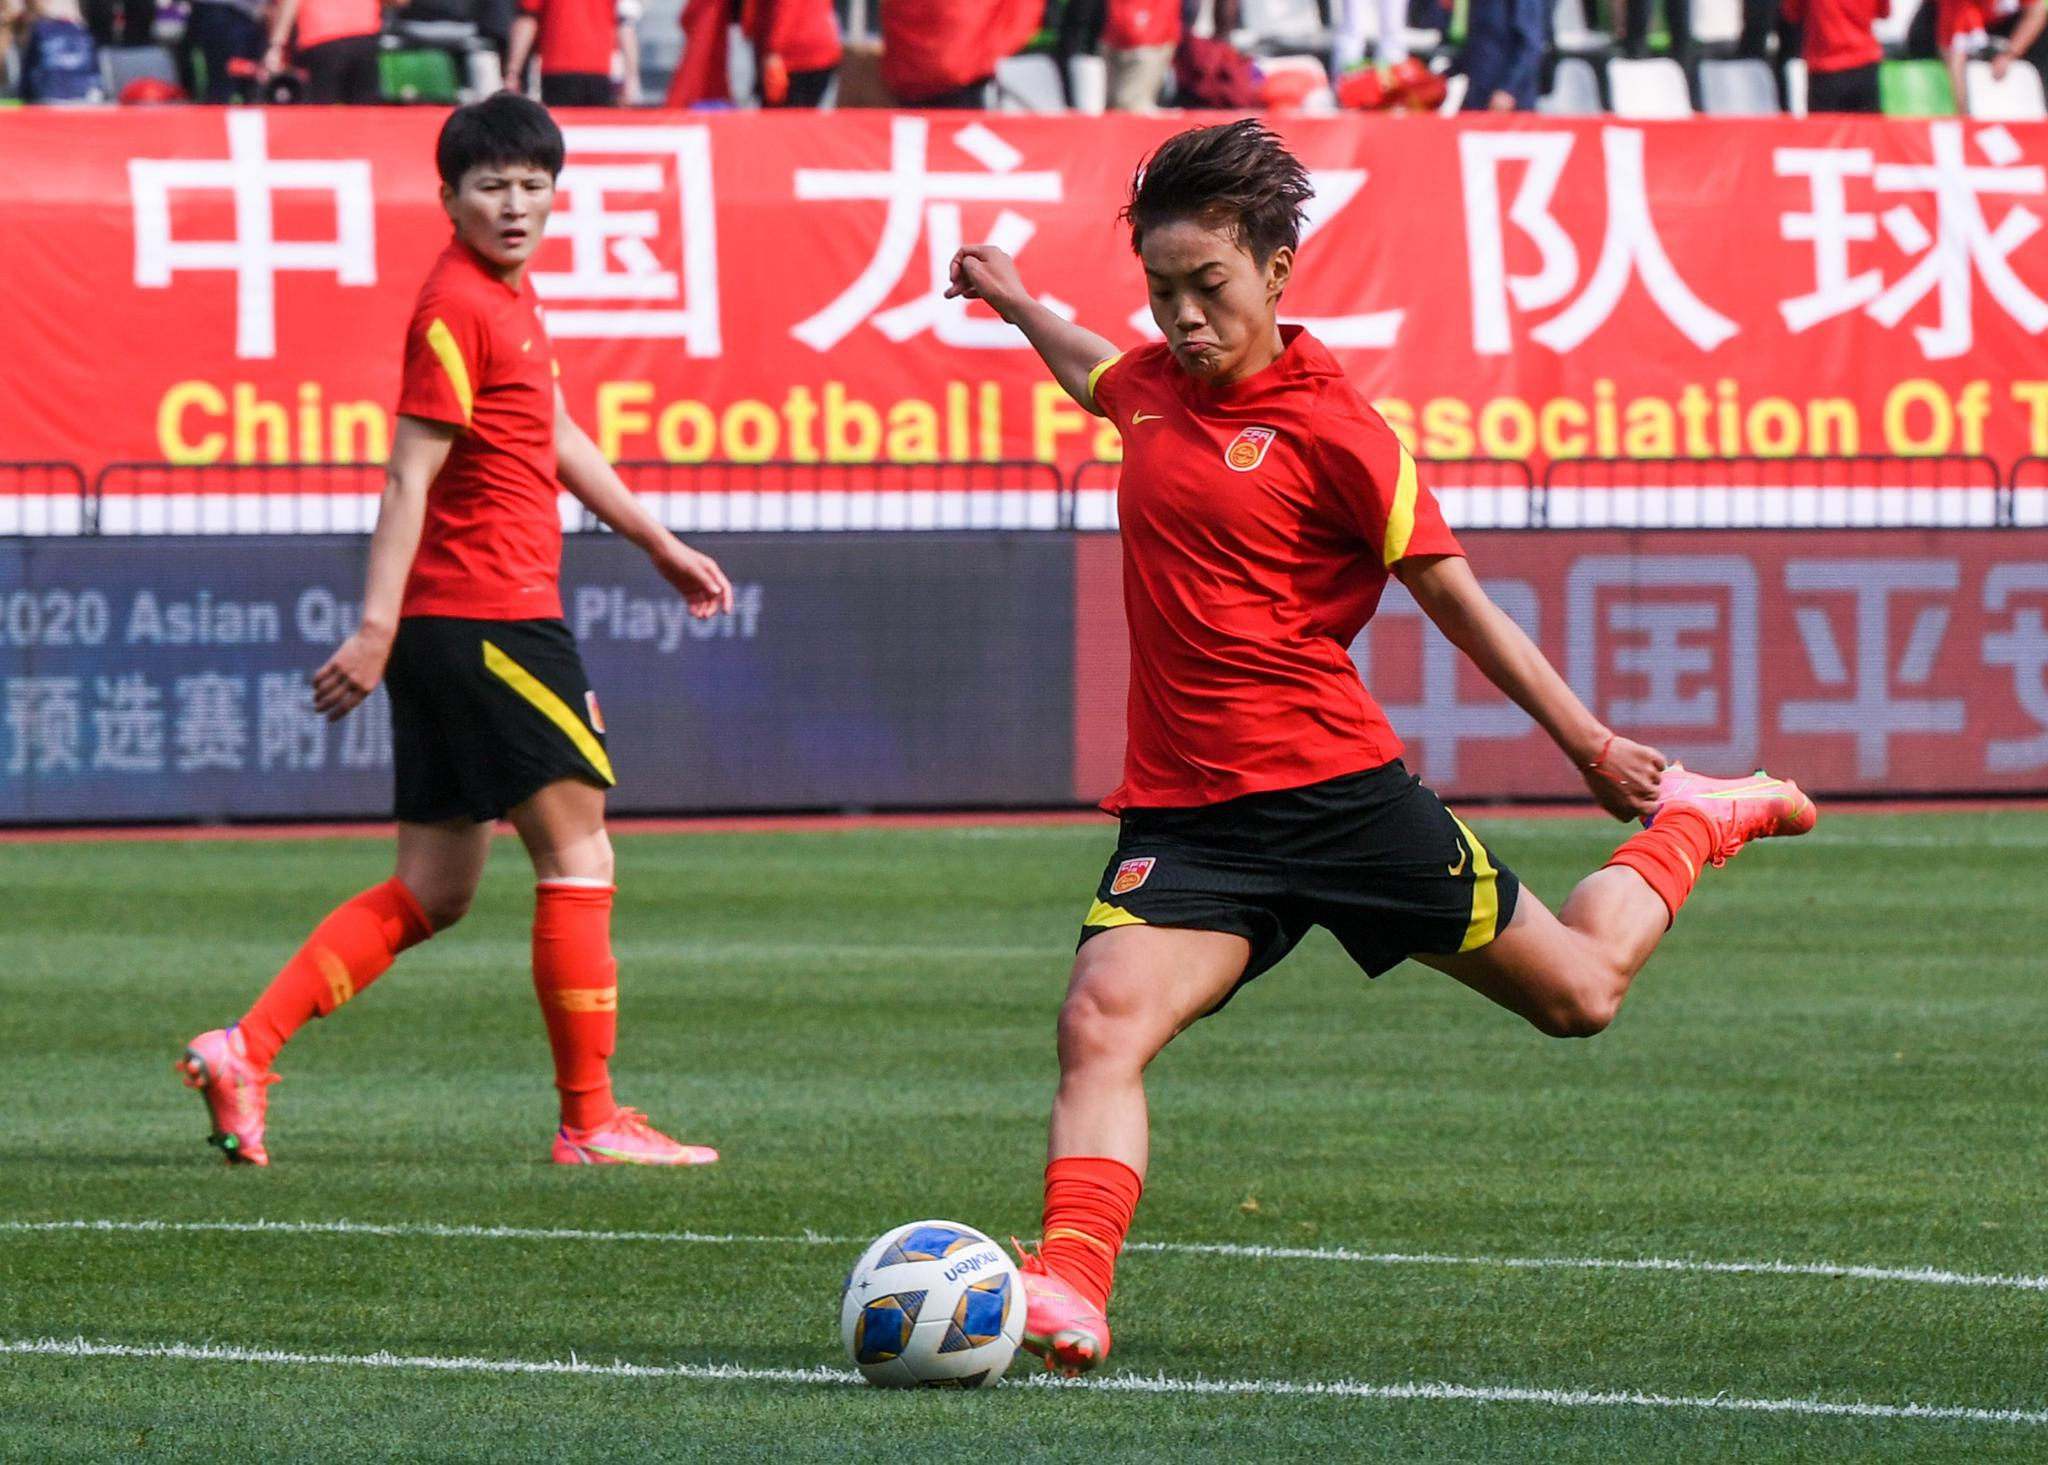 足球——奥运会女足预选赛附加赛次回合:中国队对阵韩国队